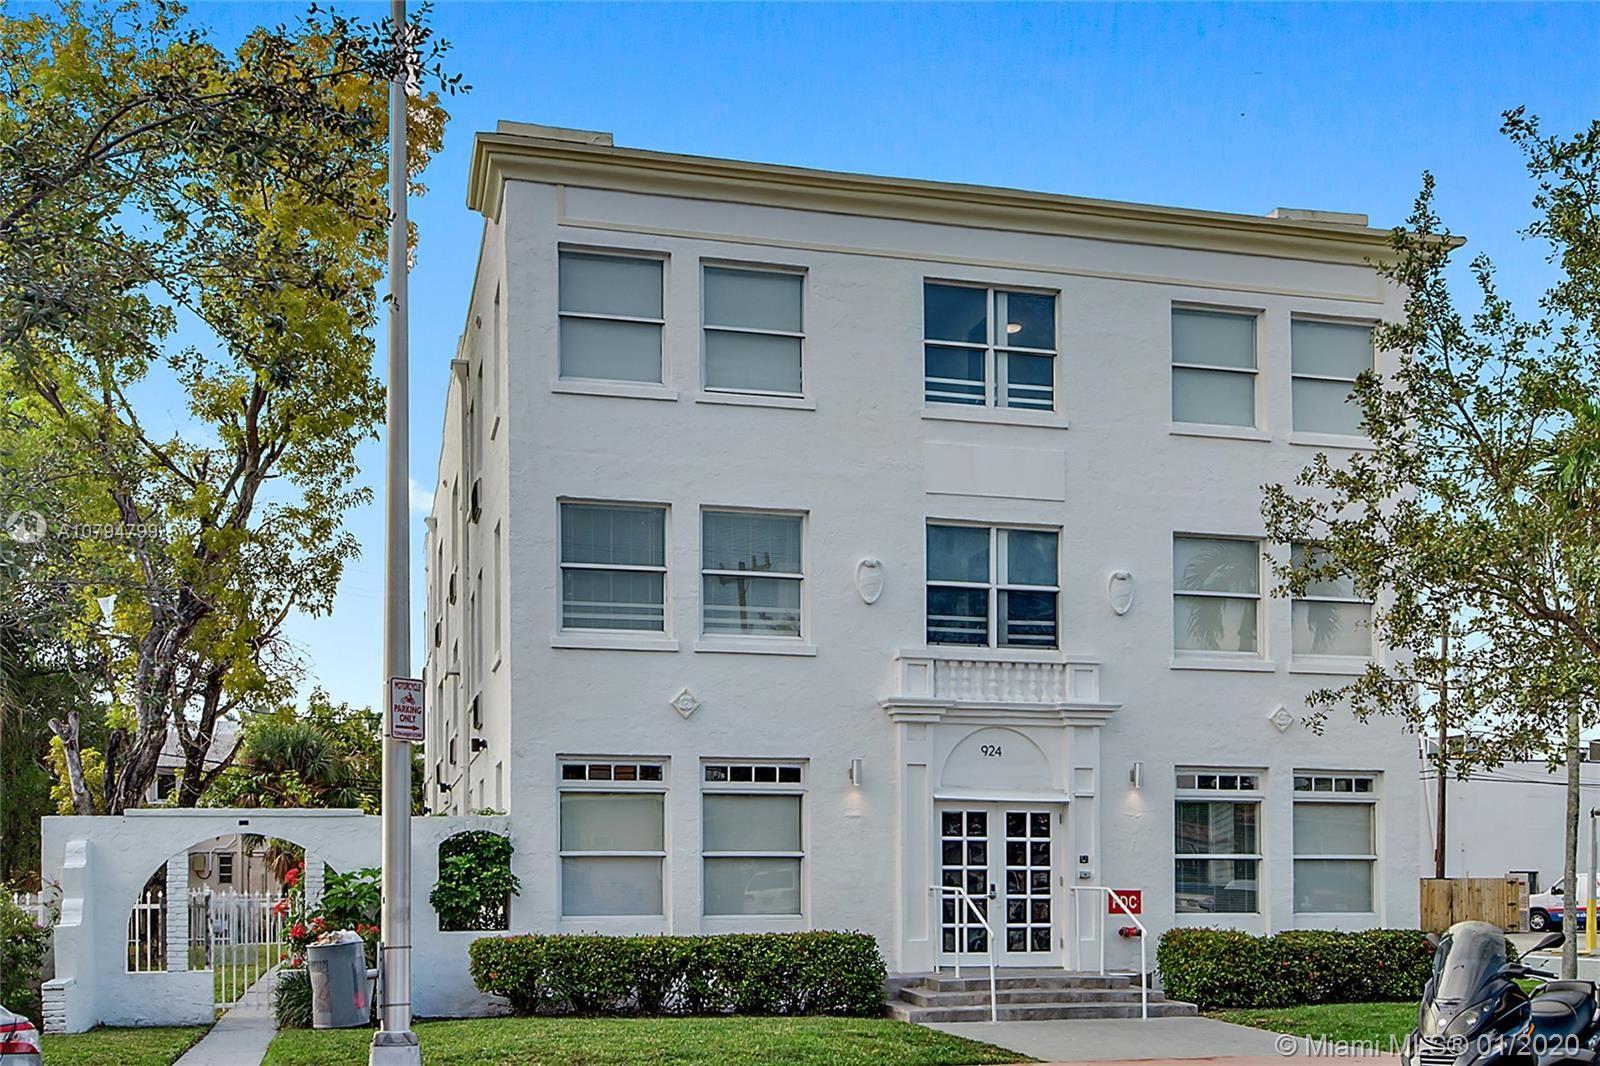 924  Marseille Dr, Miami Beach, FL 33141